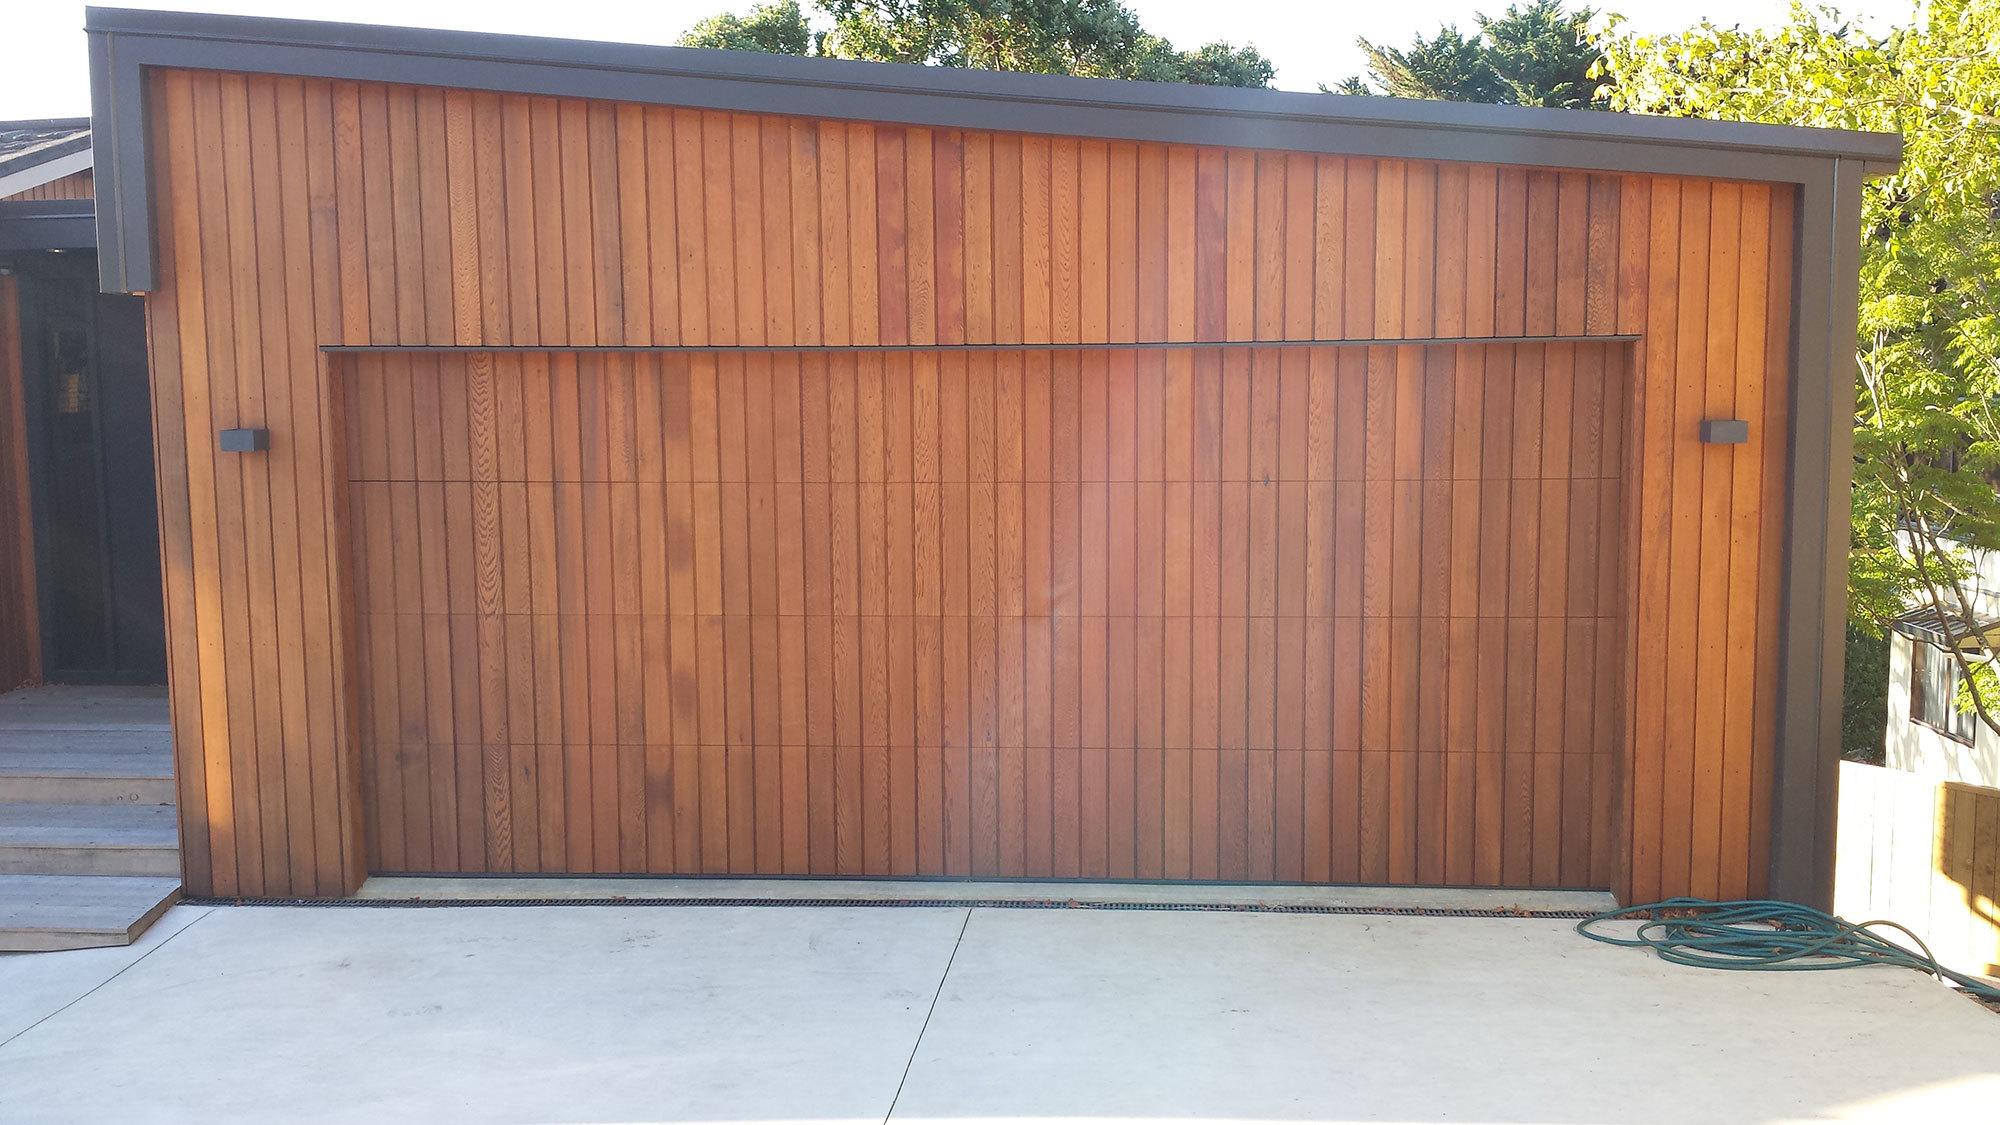 Coromandel garage, door openers